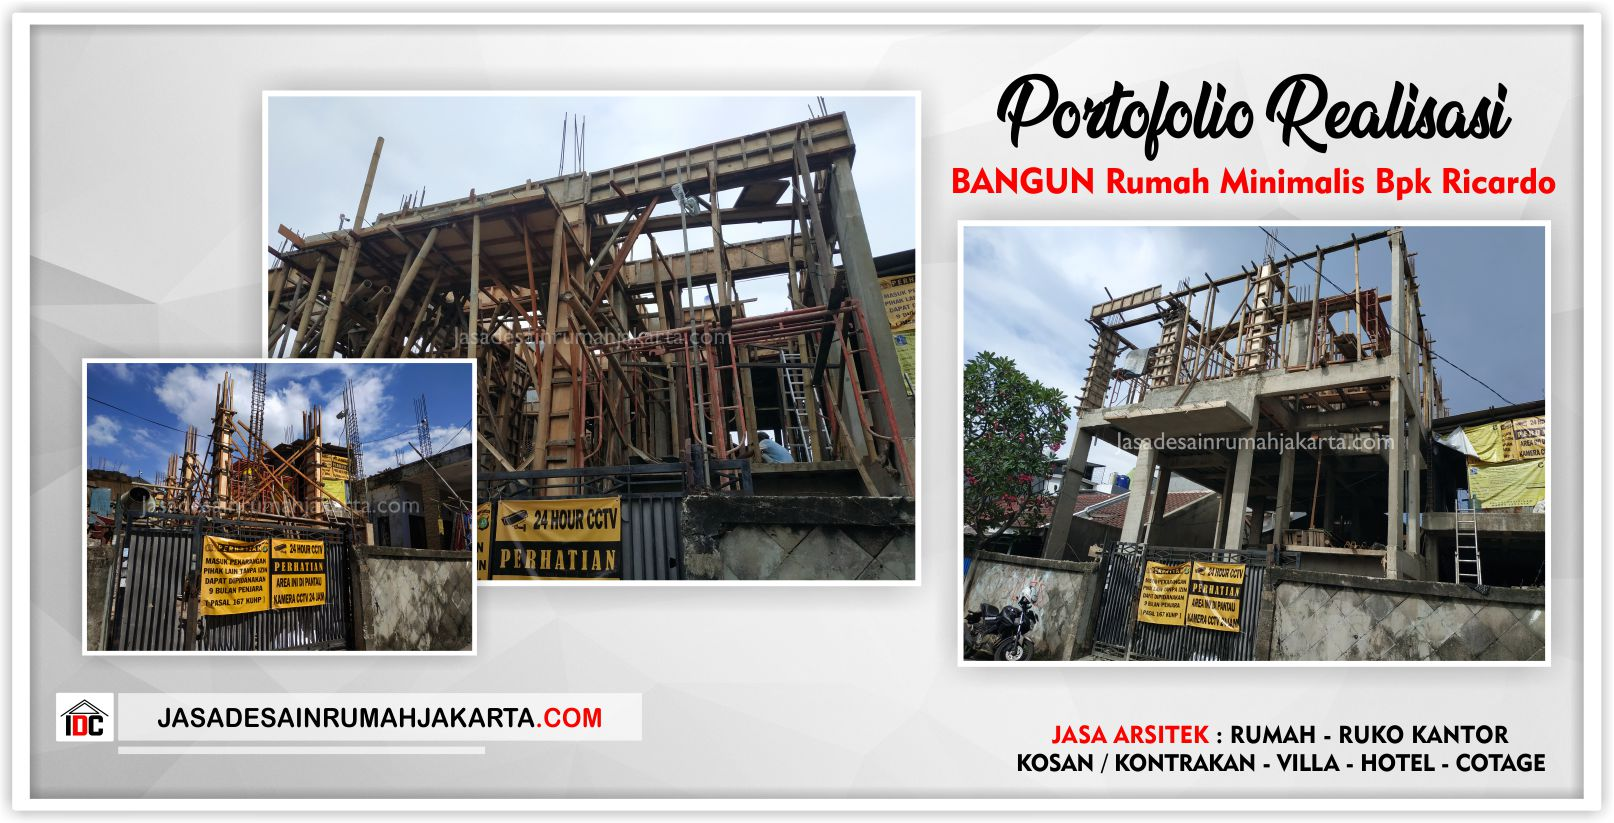 Portofolio Realisasi Rumah Bpk Ricardo-Arsitek Gambar Desain Rumah Minimalis Modern Di Tangerang-Jakarta-Surabaya-Bekasi-Bandung-Depok-Jasa Konsultan Desain Arsitek